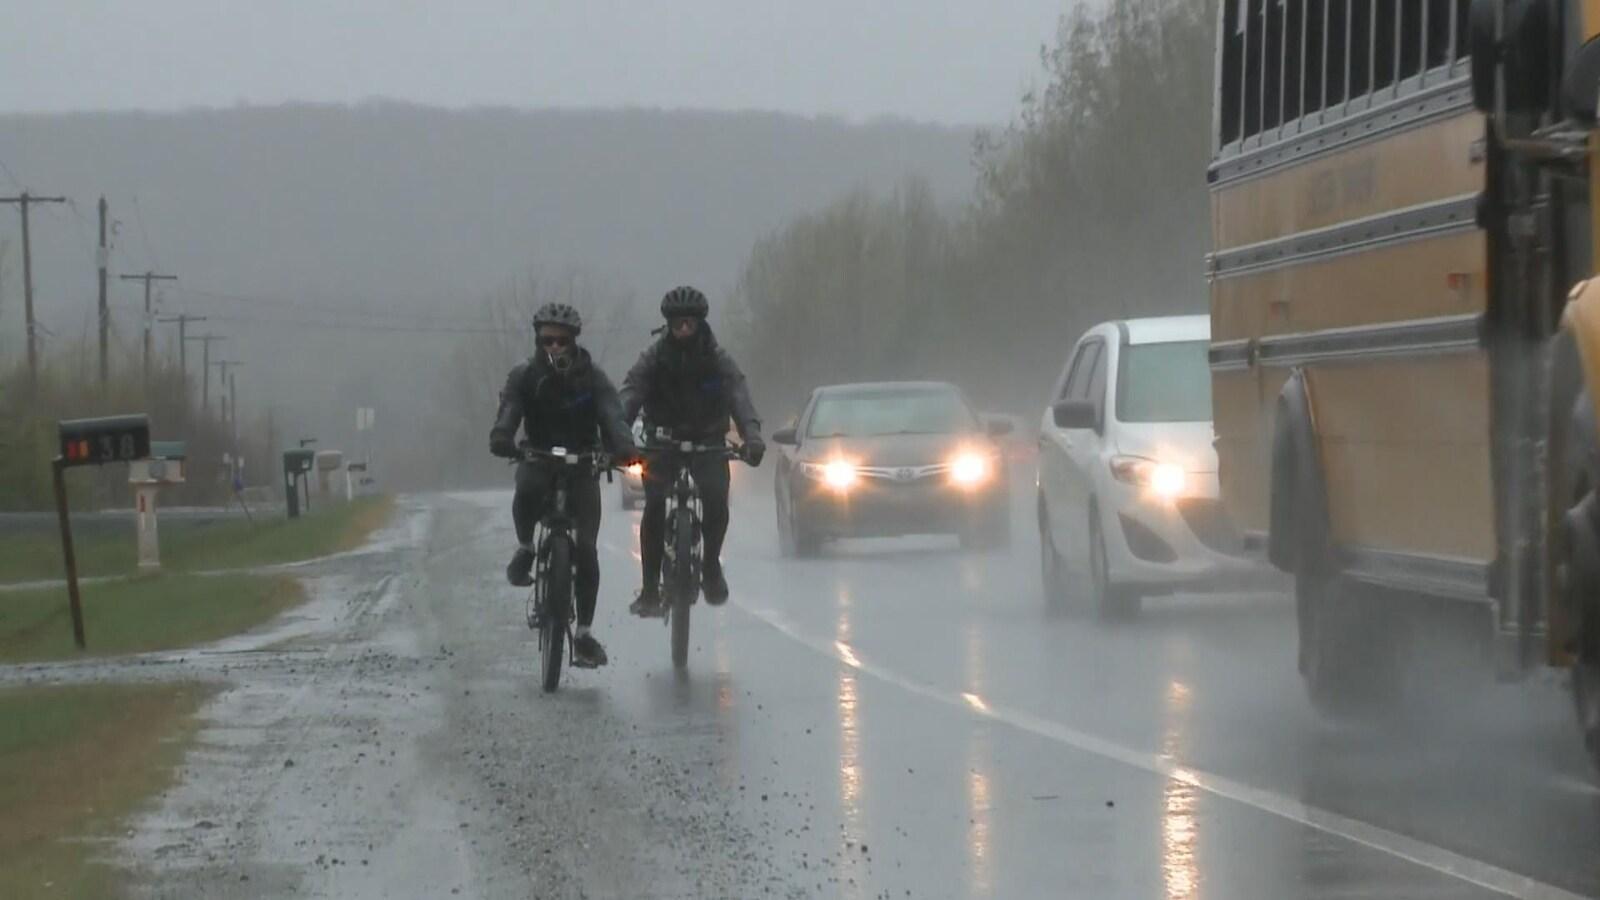 Le périple de Josué Simard-Lebrun et Xavier McConnell a commencé vendredi sous la pluie et dans le froid. On les voit ici rouler sur le bord de la route, complètement trempés